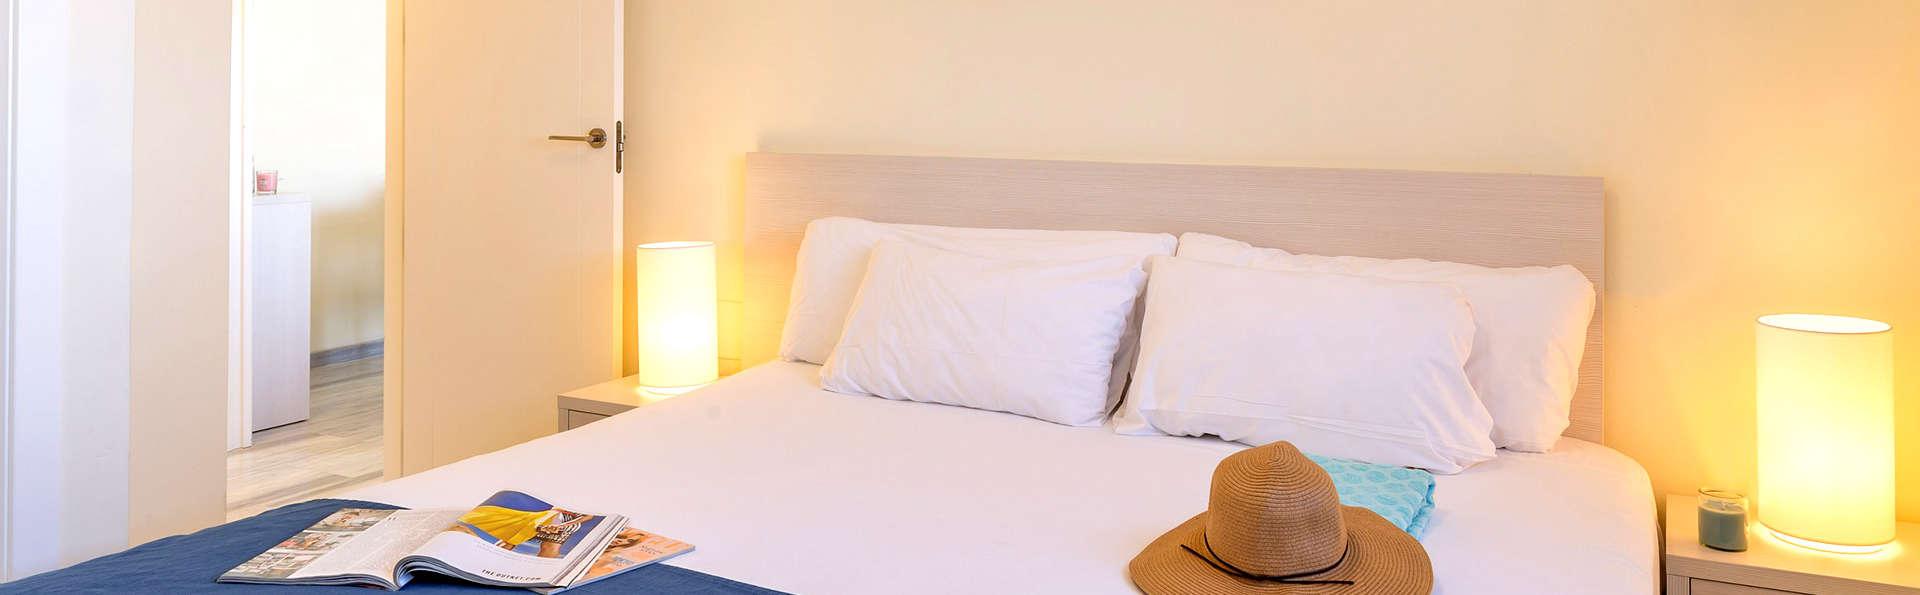 Pierre & Vacances Almería Roquetas de Mar - Edit_Room.jpg